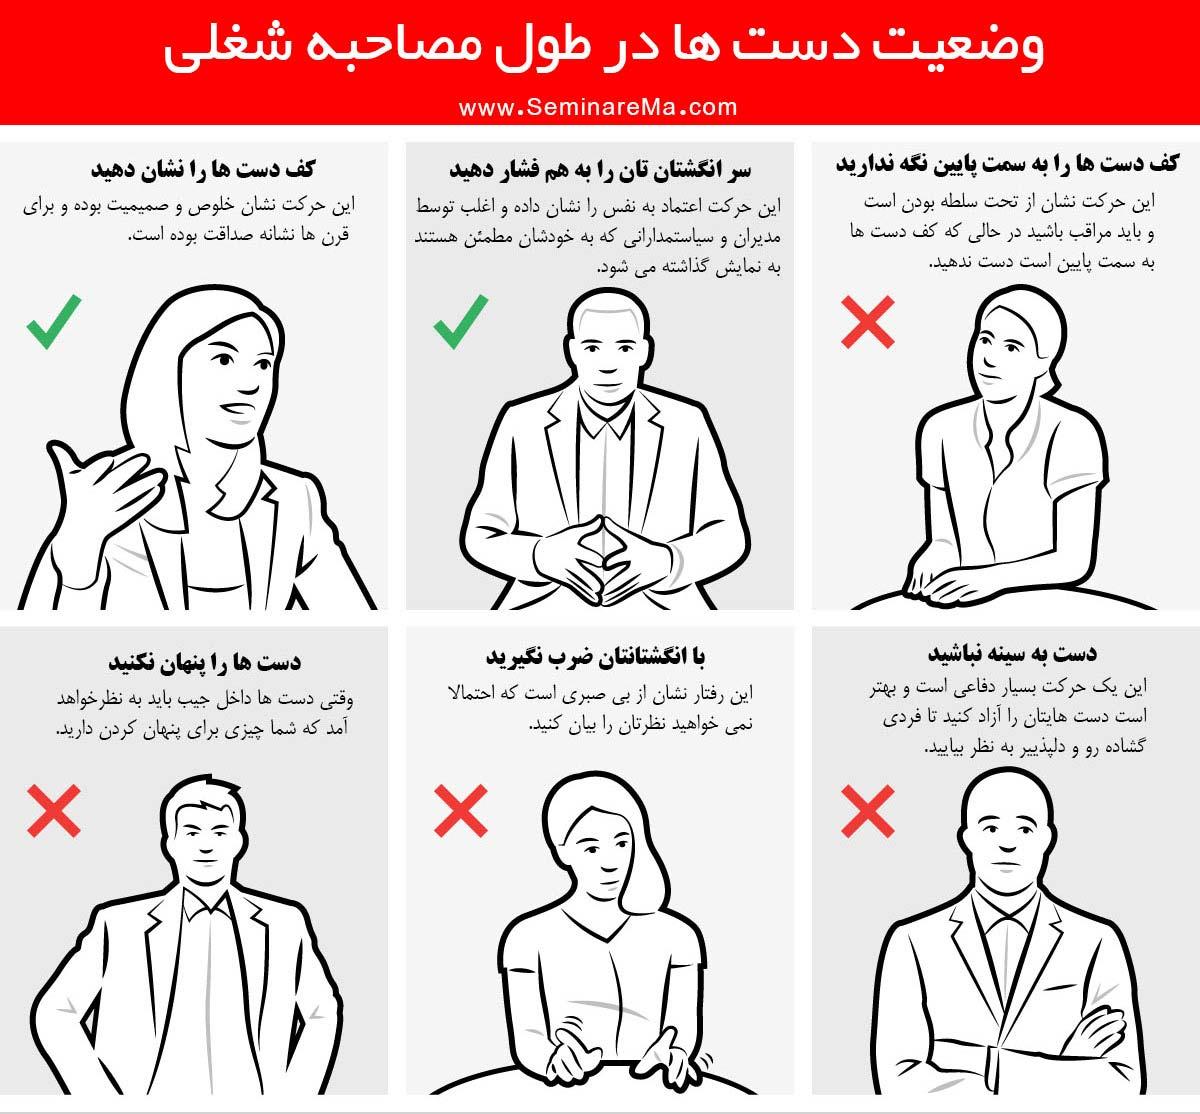 استفاده صحیح از زبان بدن در مصاحبه شغلی